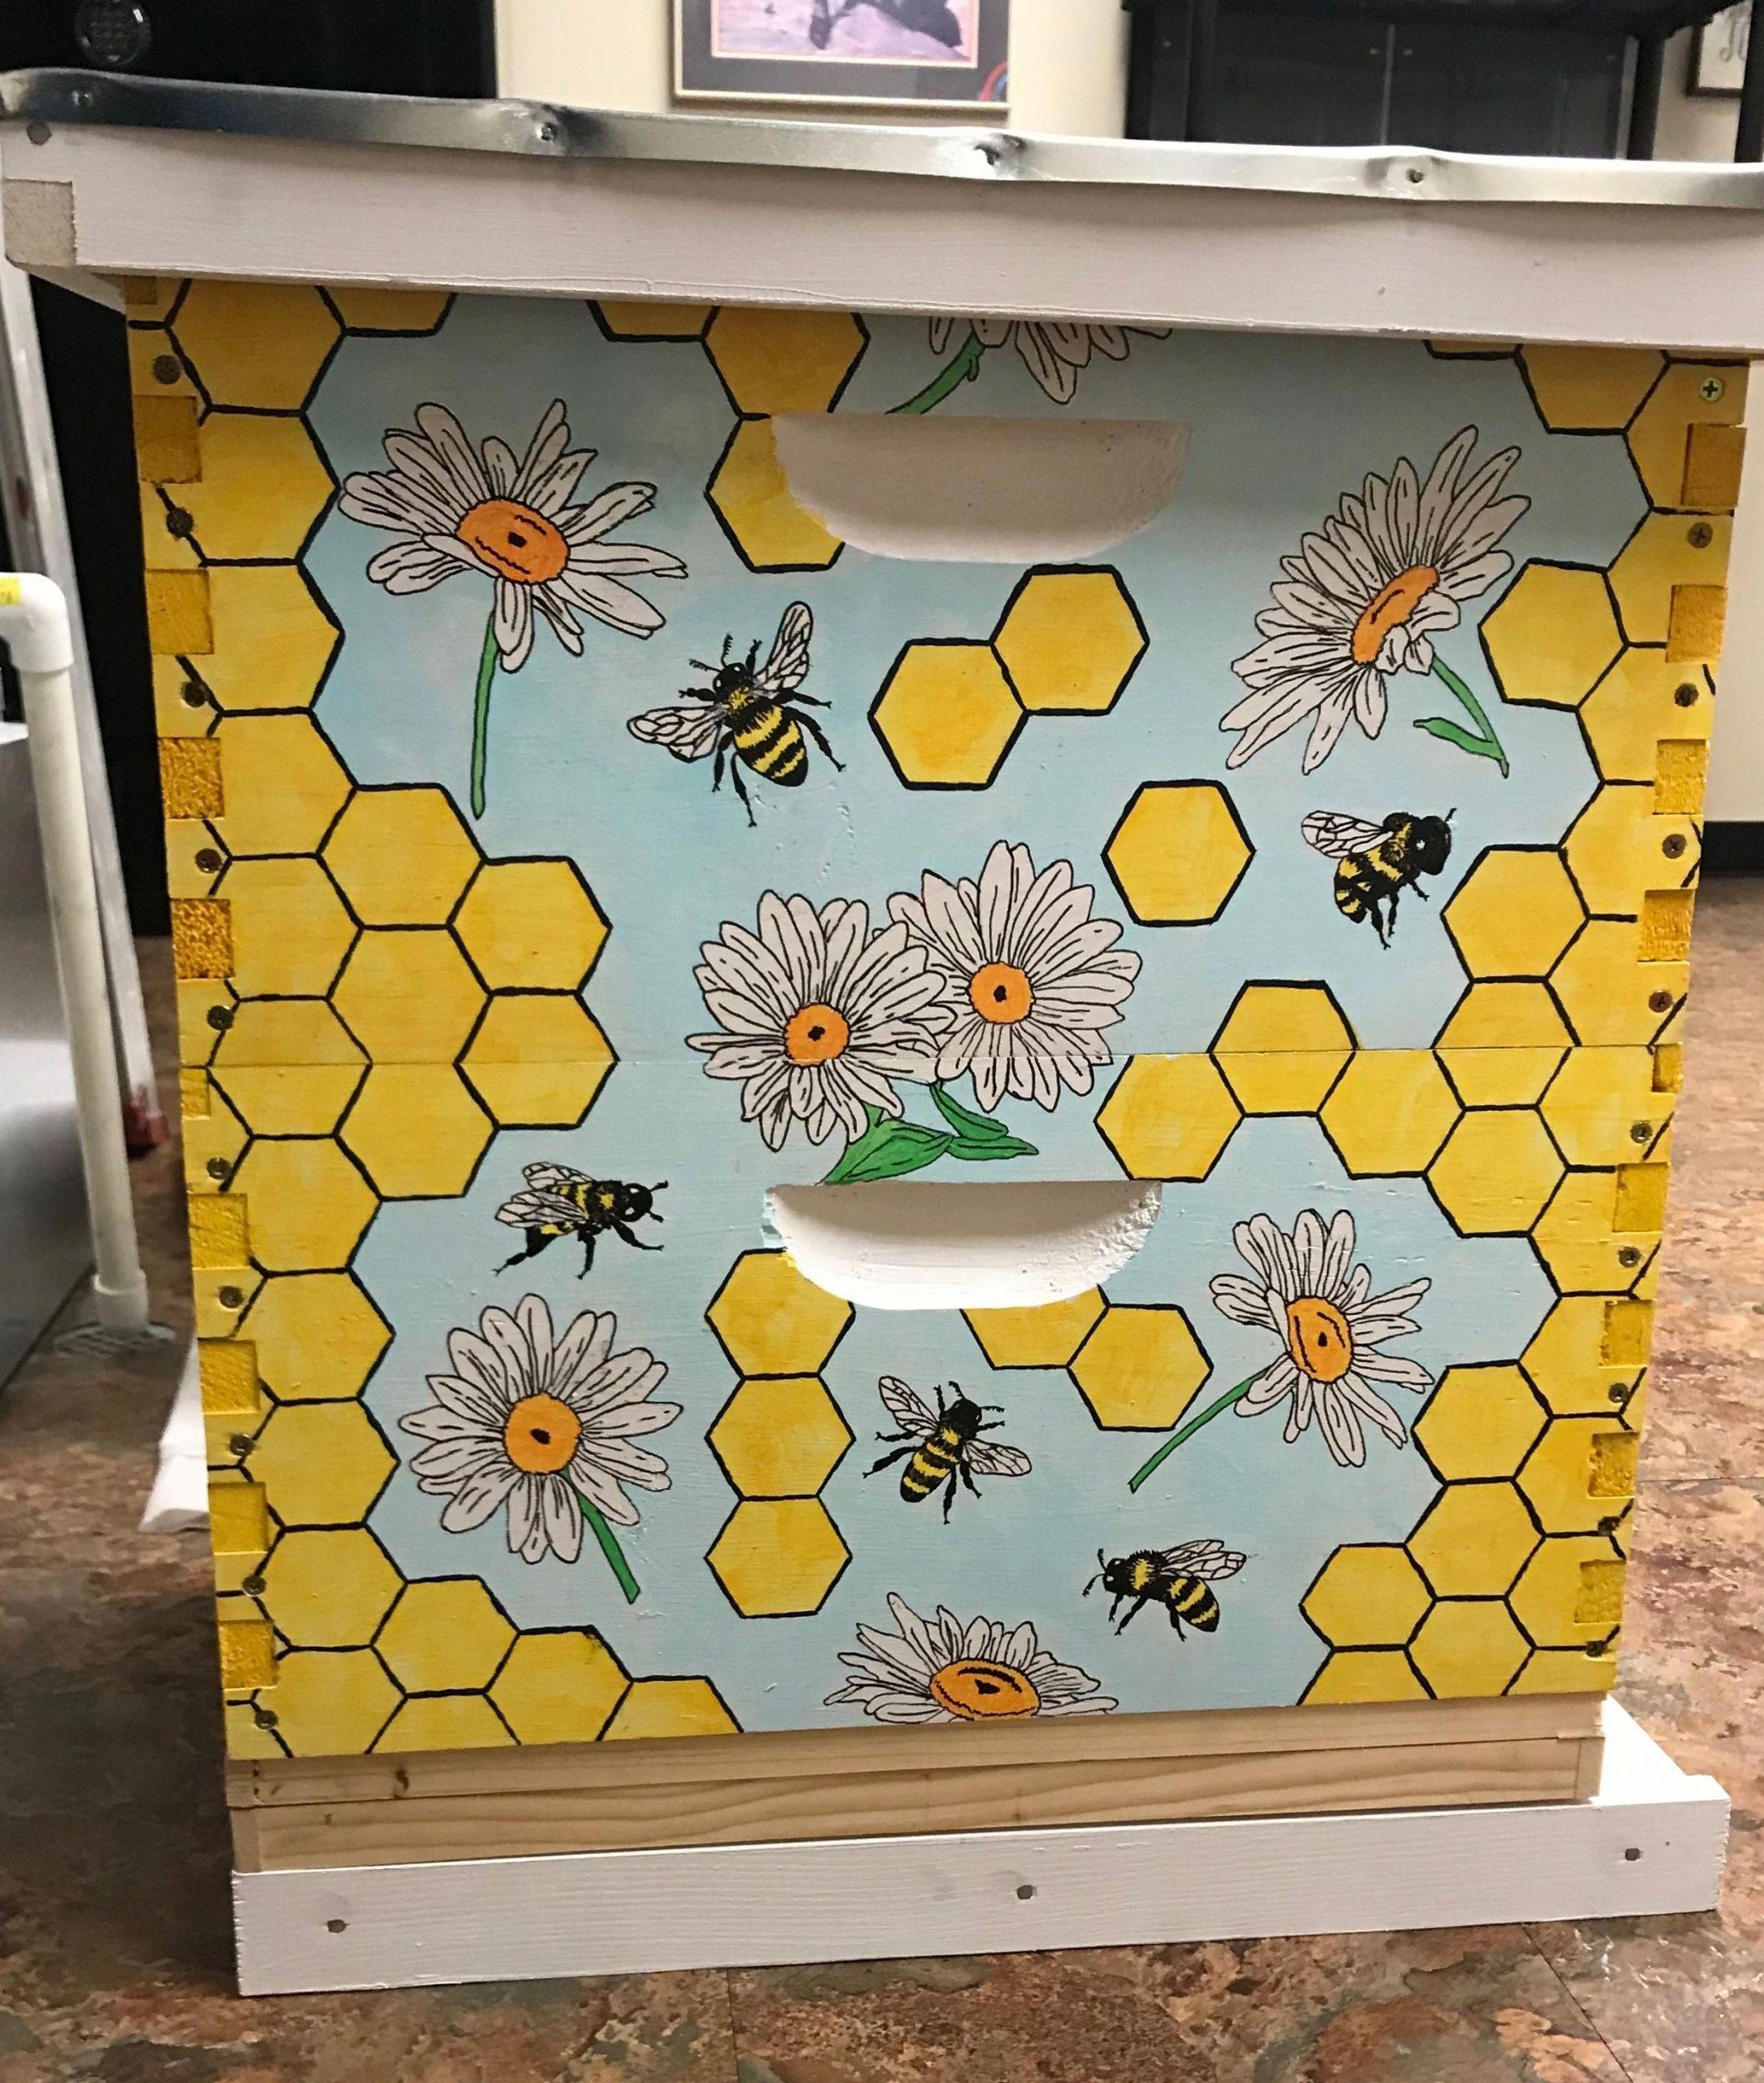 Bienenstock Im Garten Best Of Painted Bee Box Painted Bee Hive Painted Box Bees Daisy